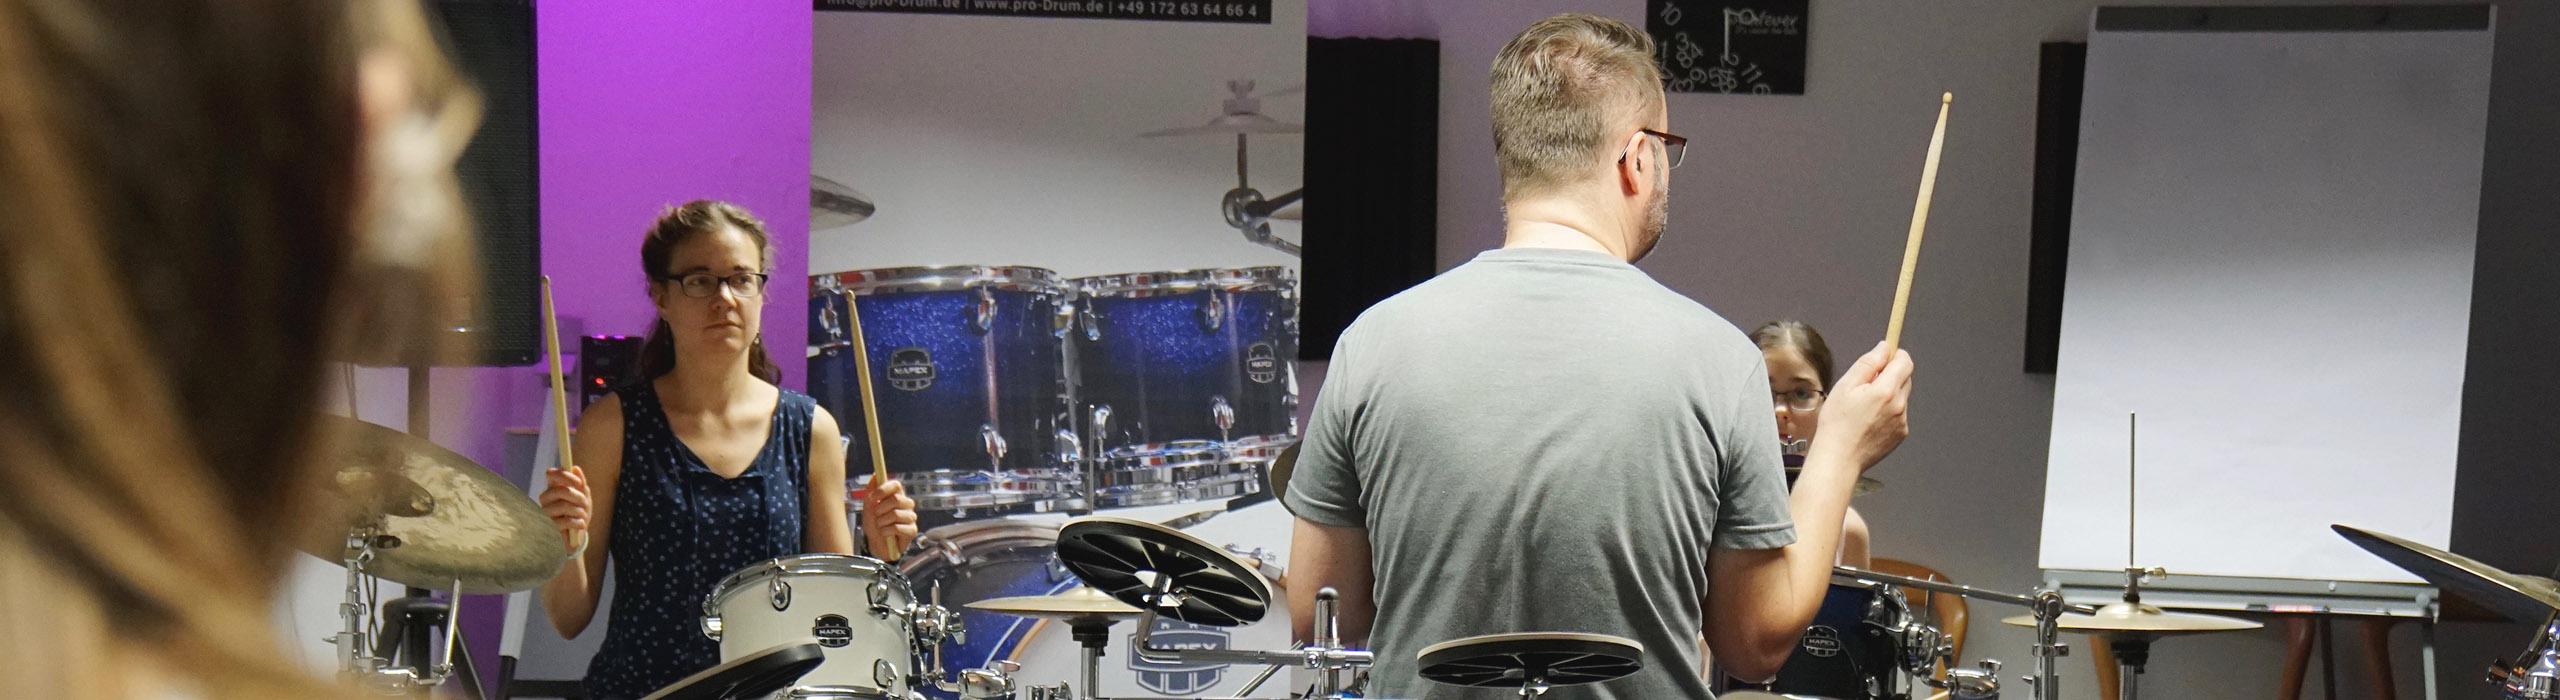 Schlagzeug Ferienprogramm Bad Rappenau – Schlagzeug für alle! 3-Tages-Kurs